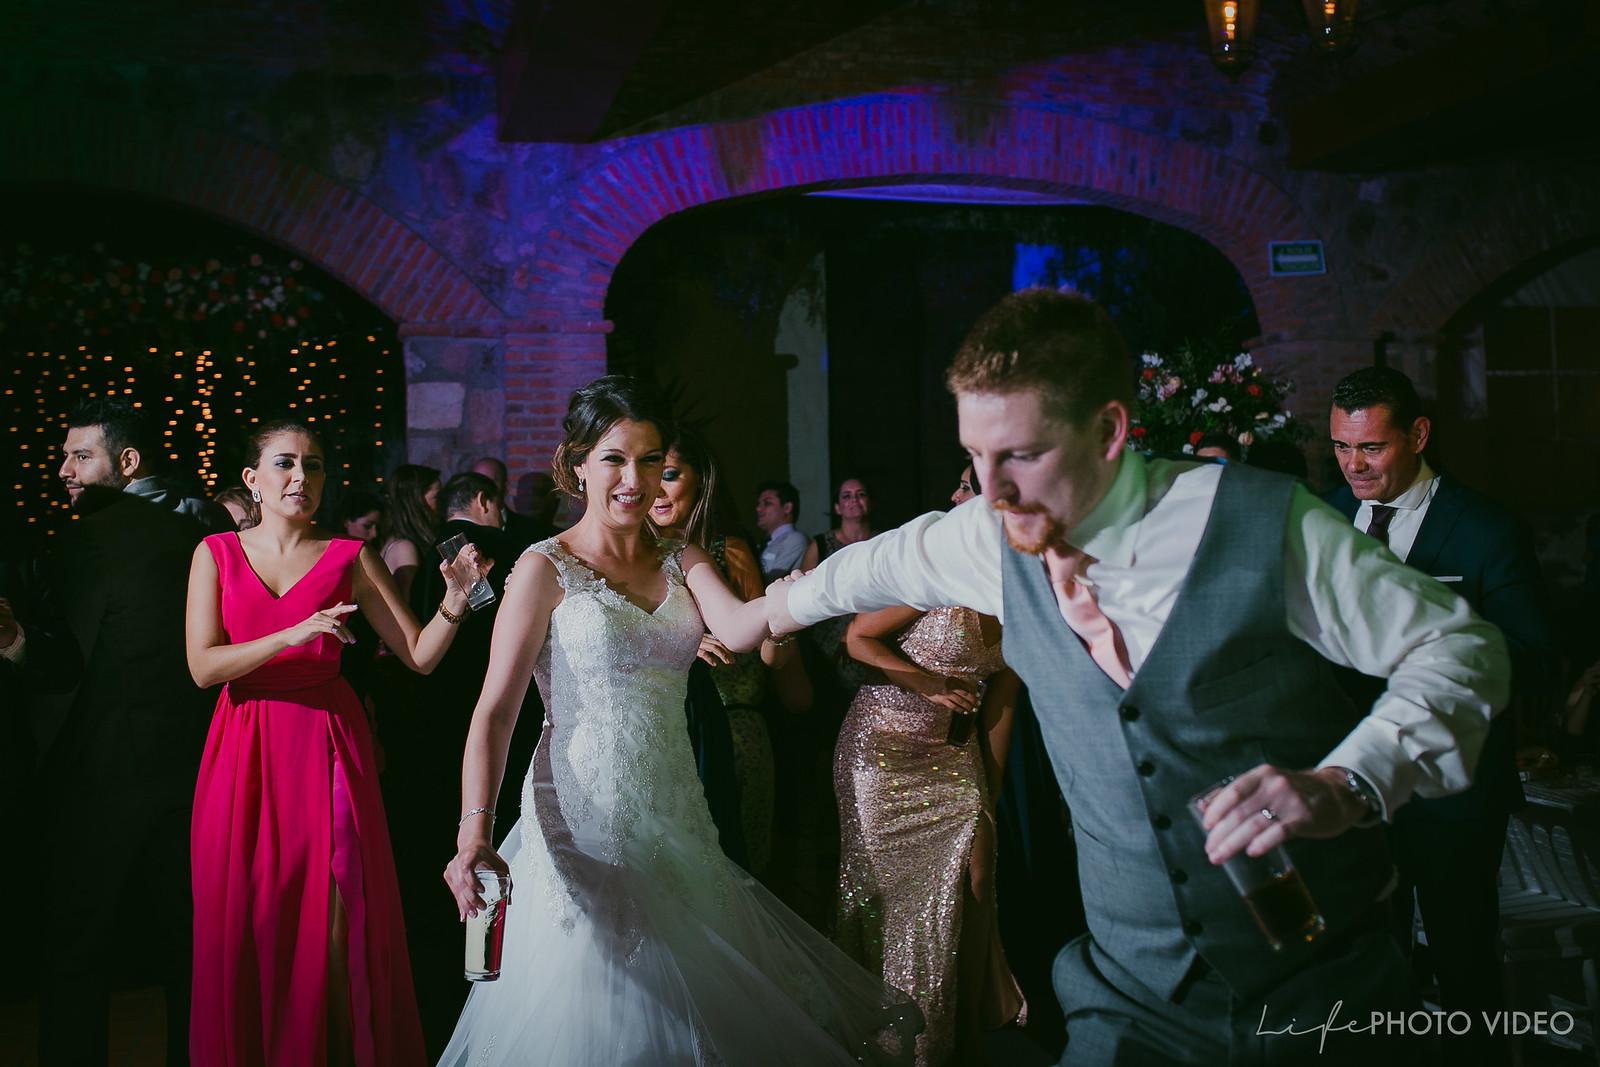 LifePhotoVideo_Boda_LeonGto_Wedding_0007.jpg